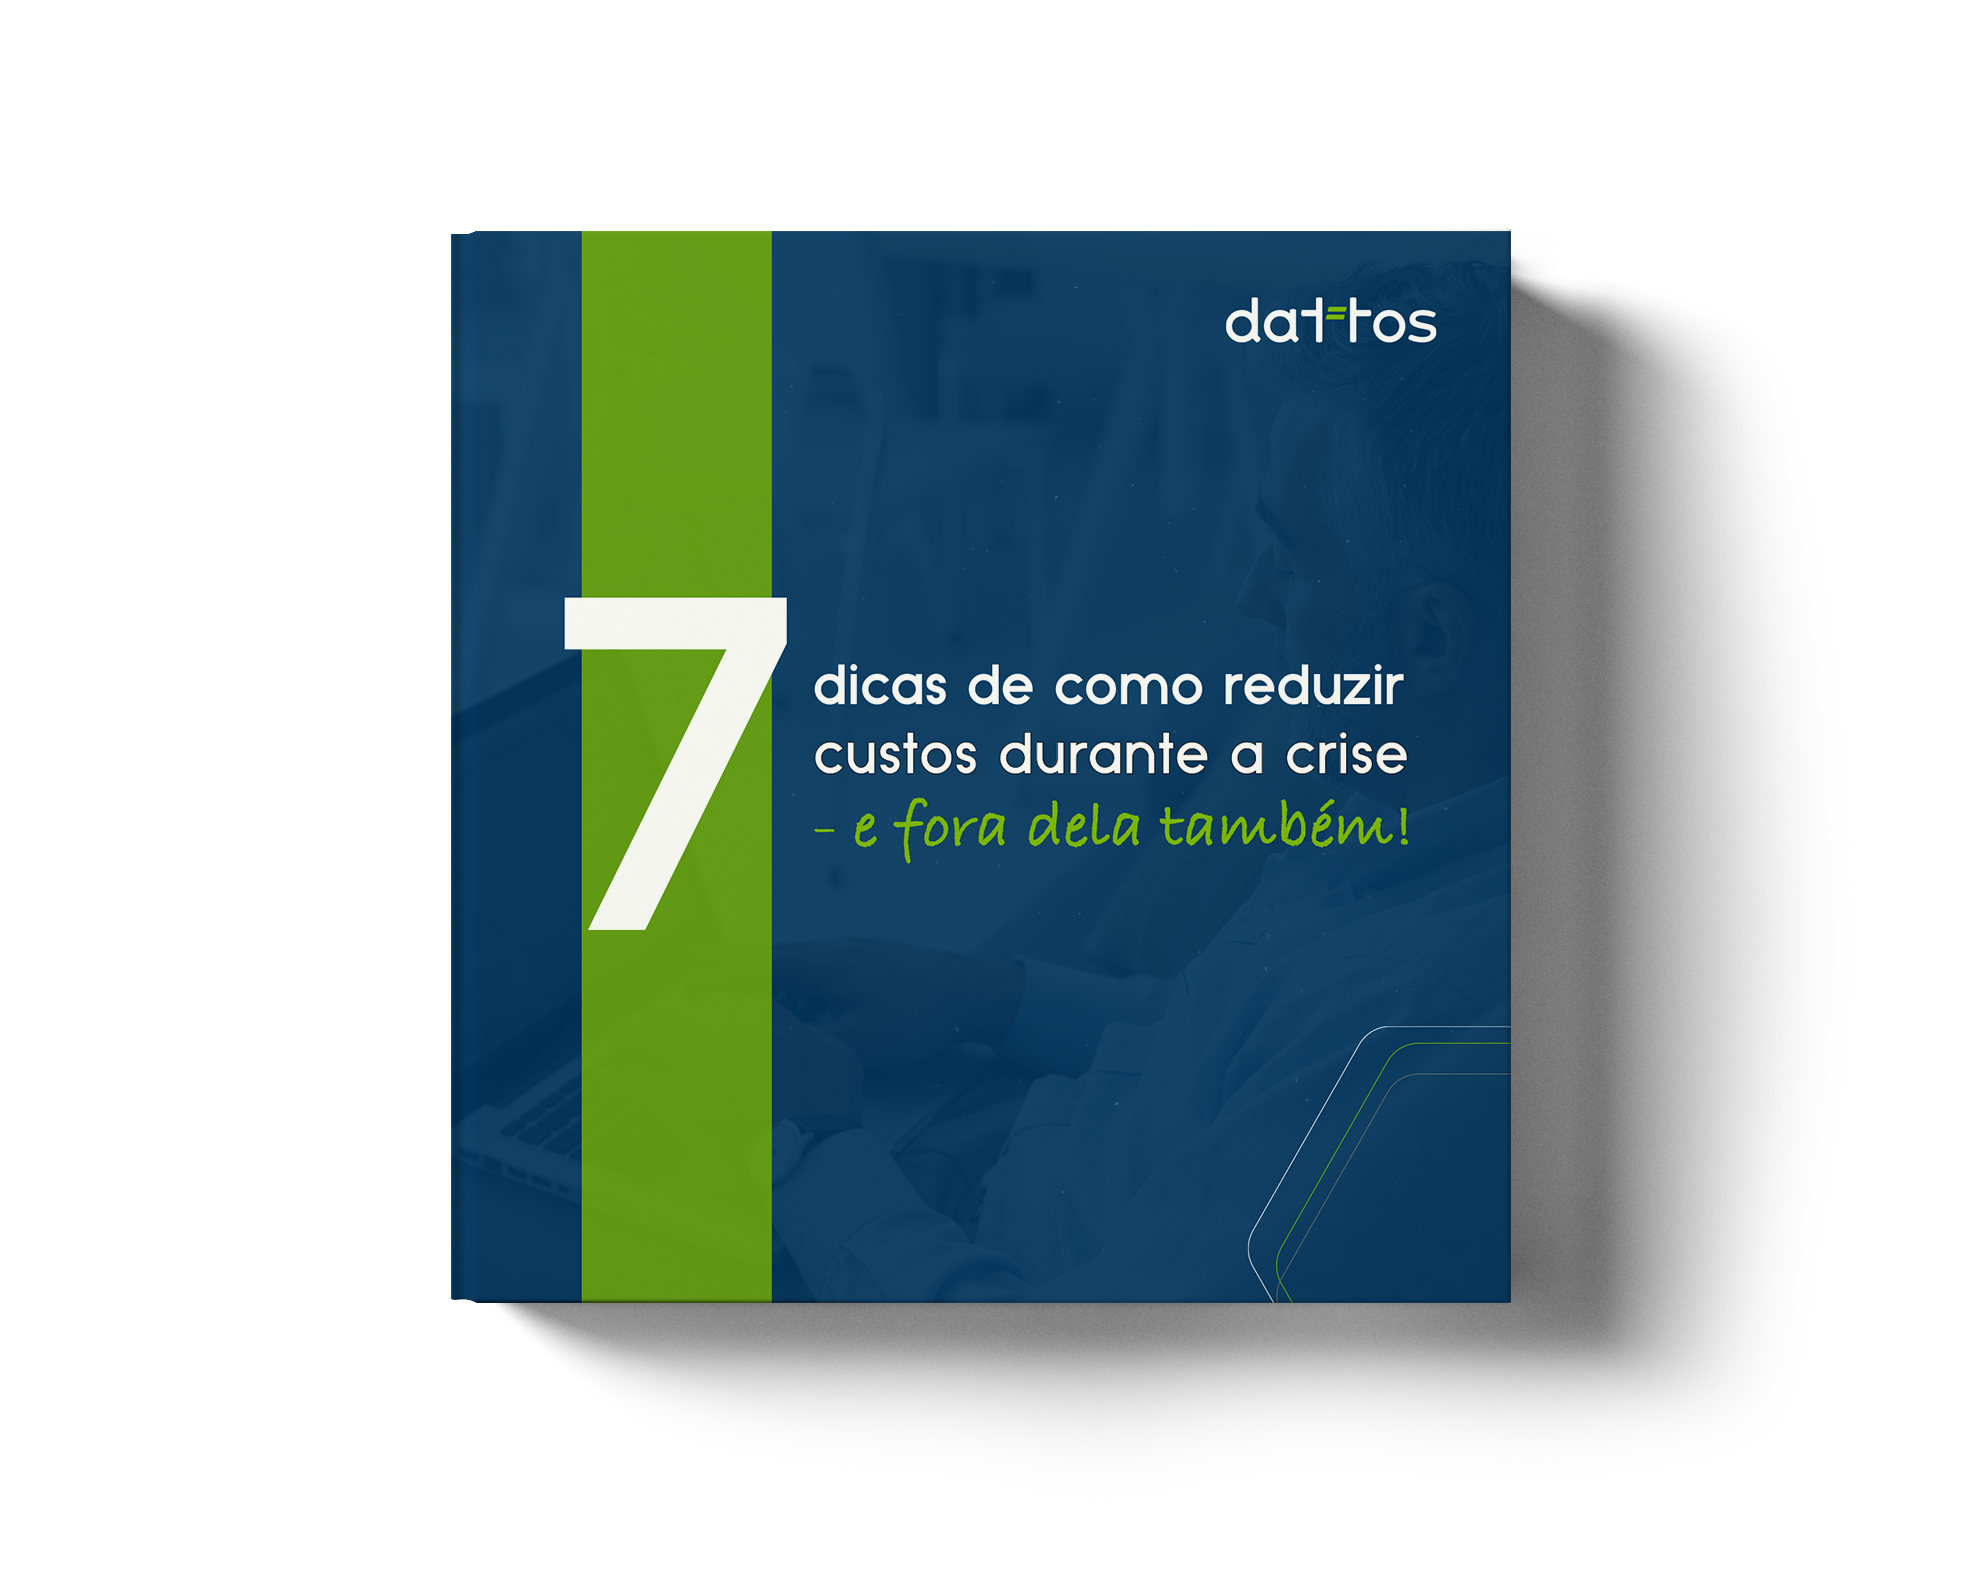 E-book 7 dicas de como reduzir custos durante a crise